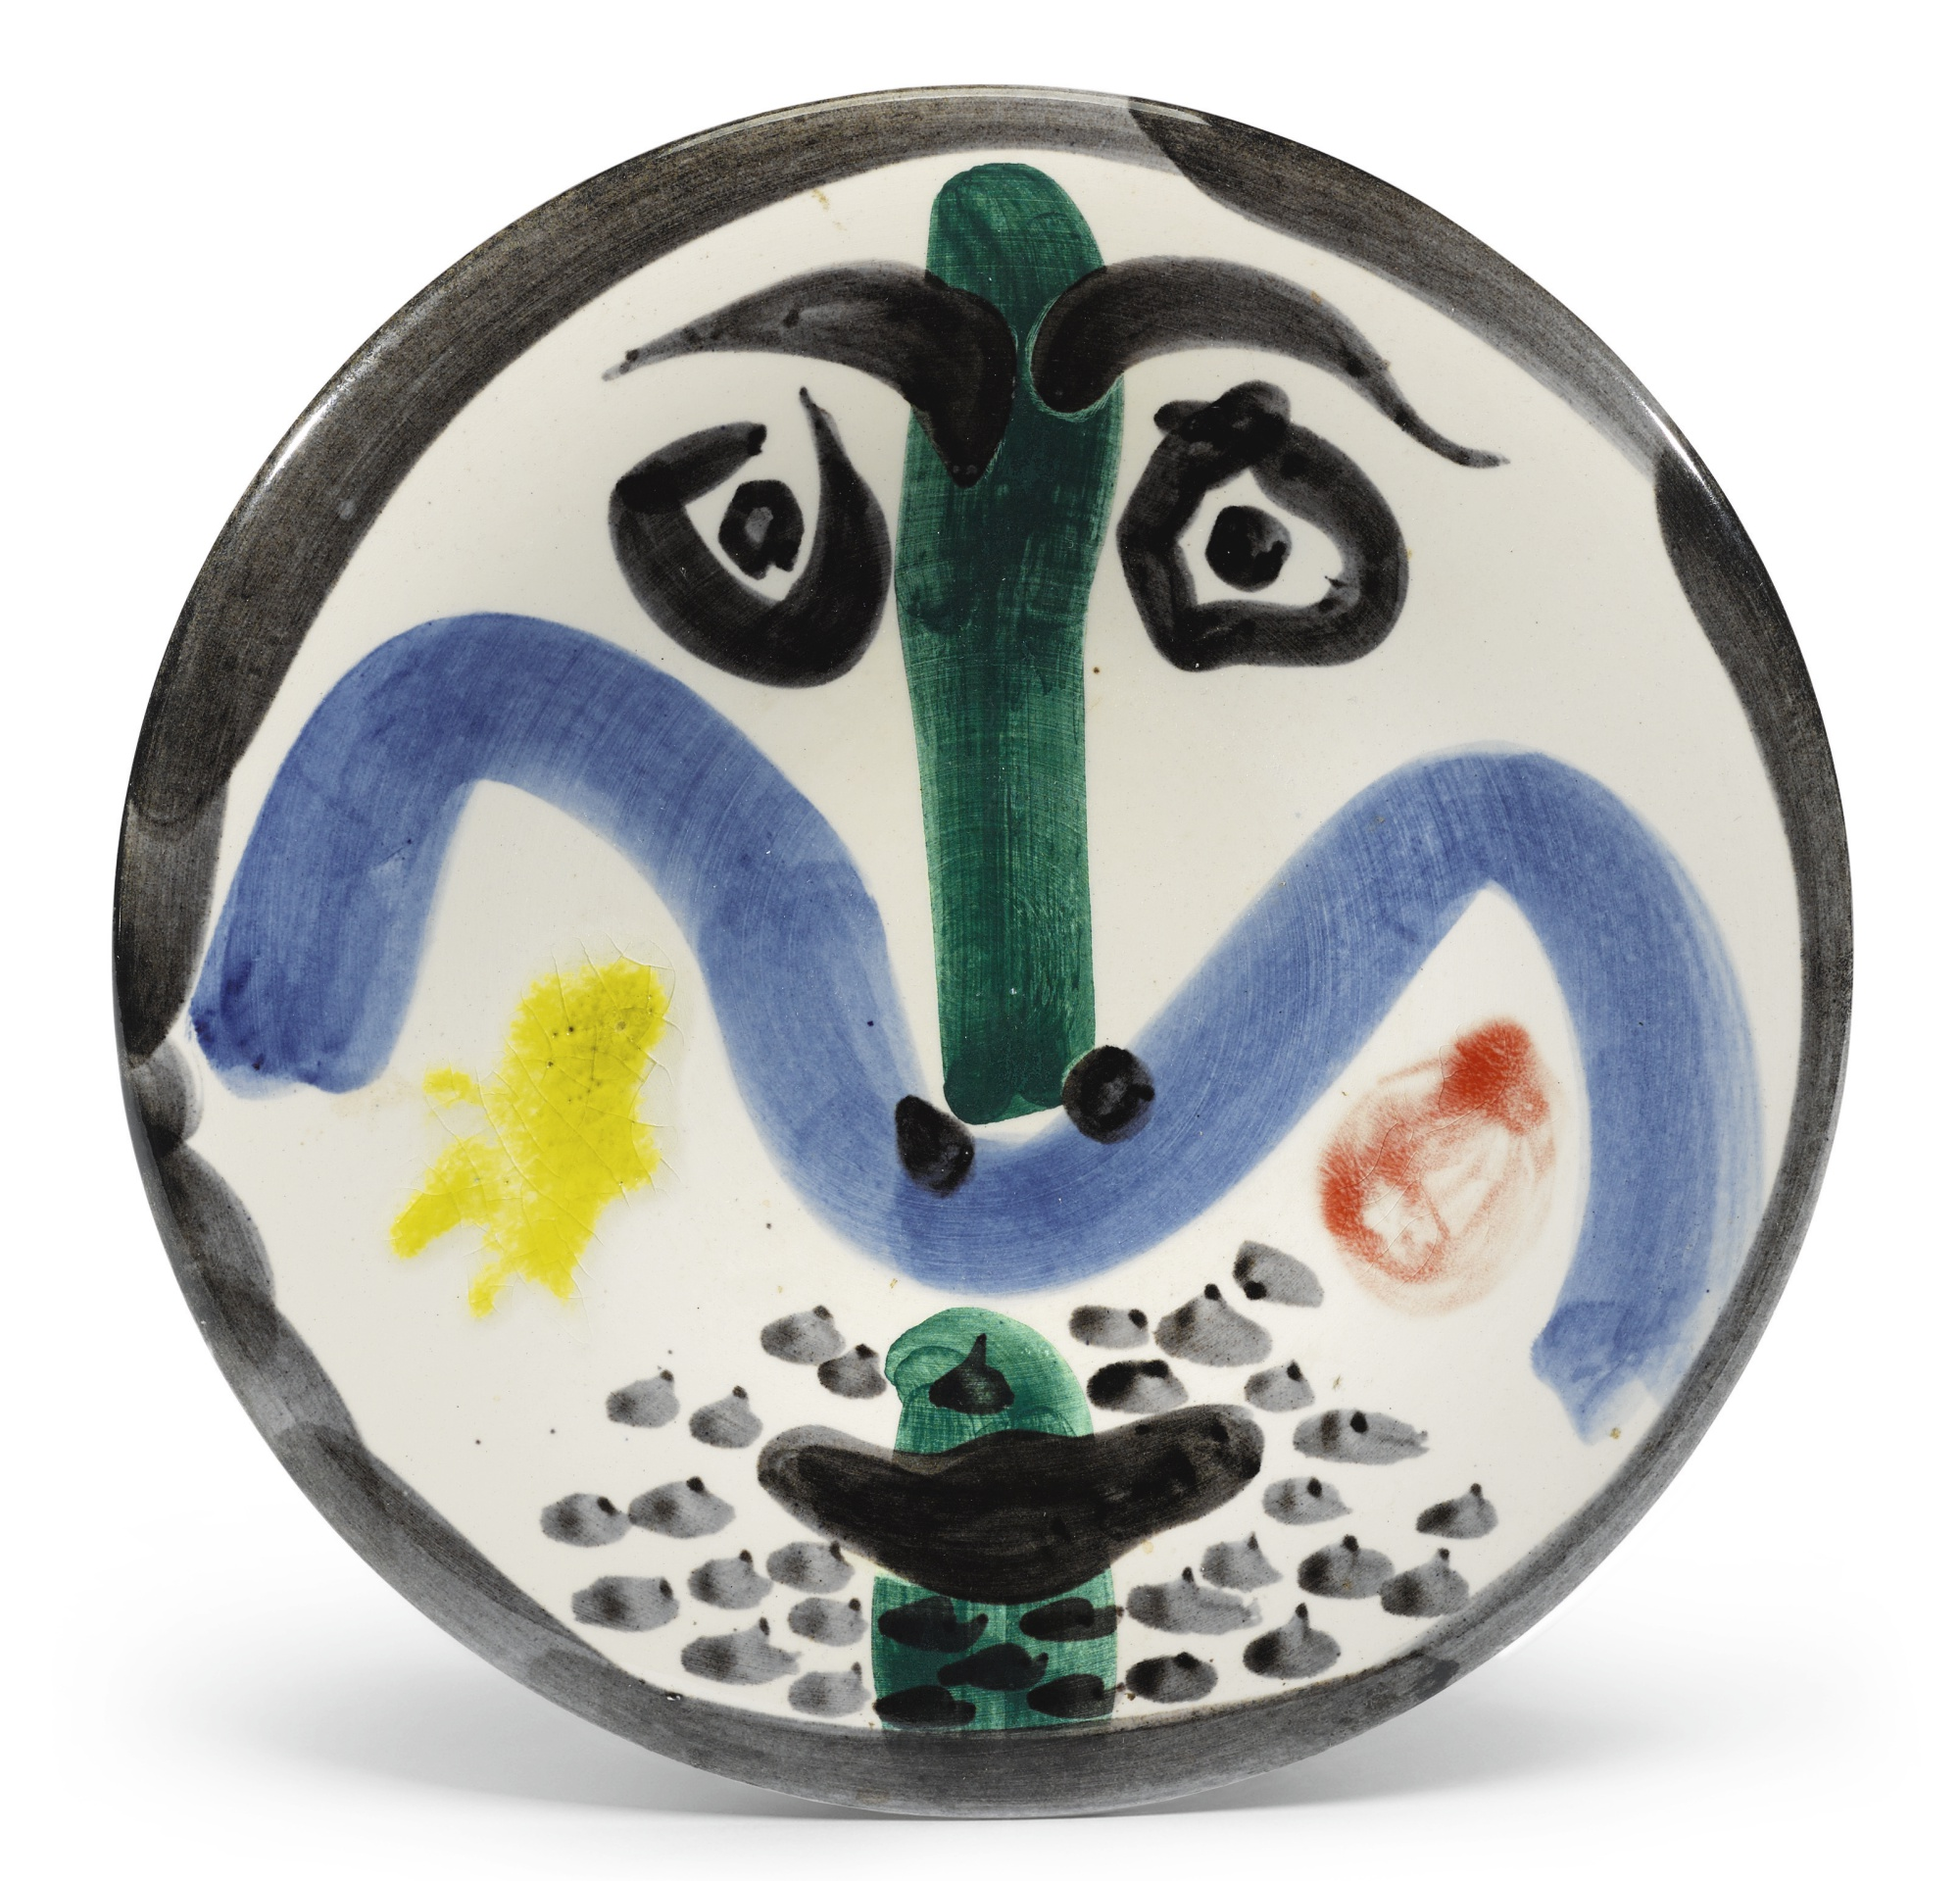 Pablo Picasso-Visage No. 130 (A. R. 479)-1963